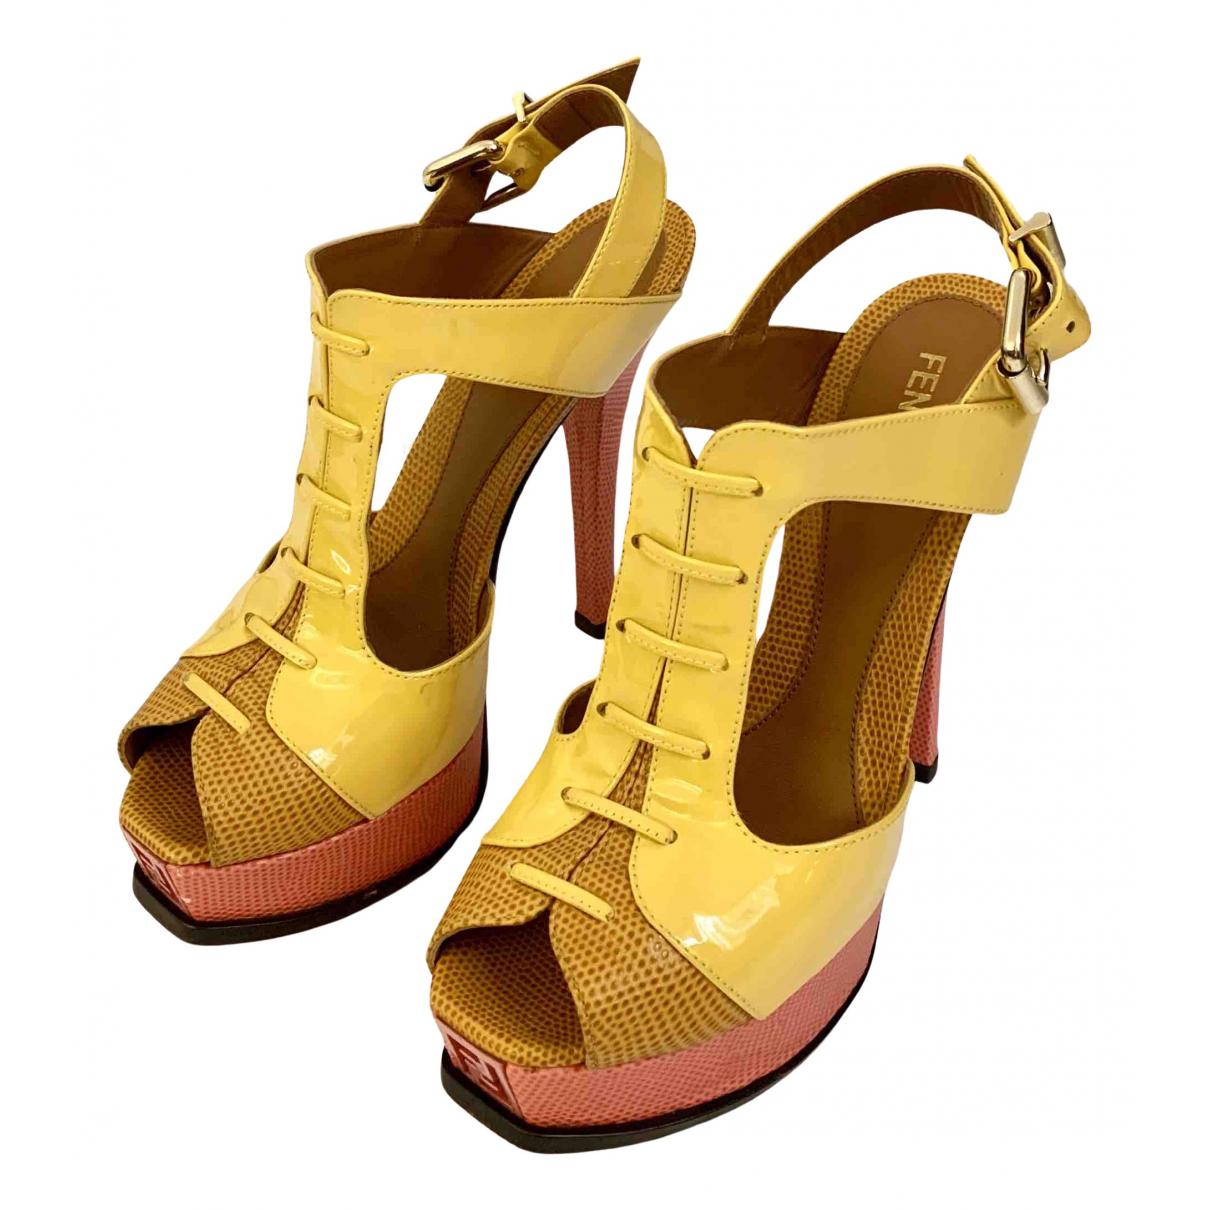 Sandalias de Charol Fendi